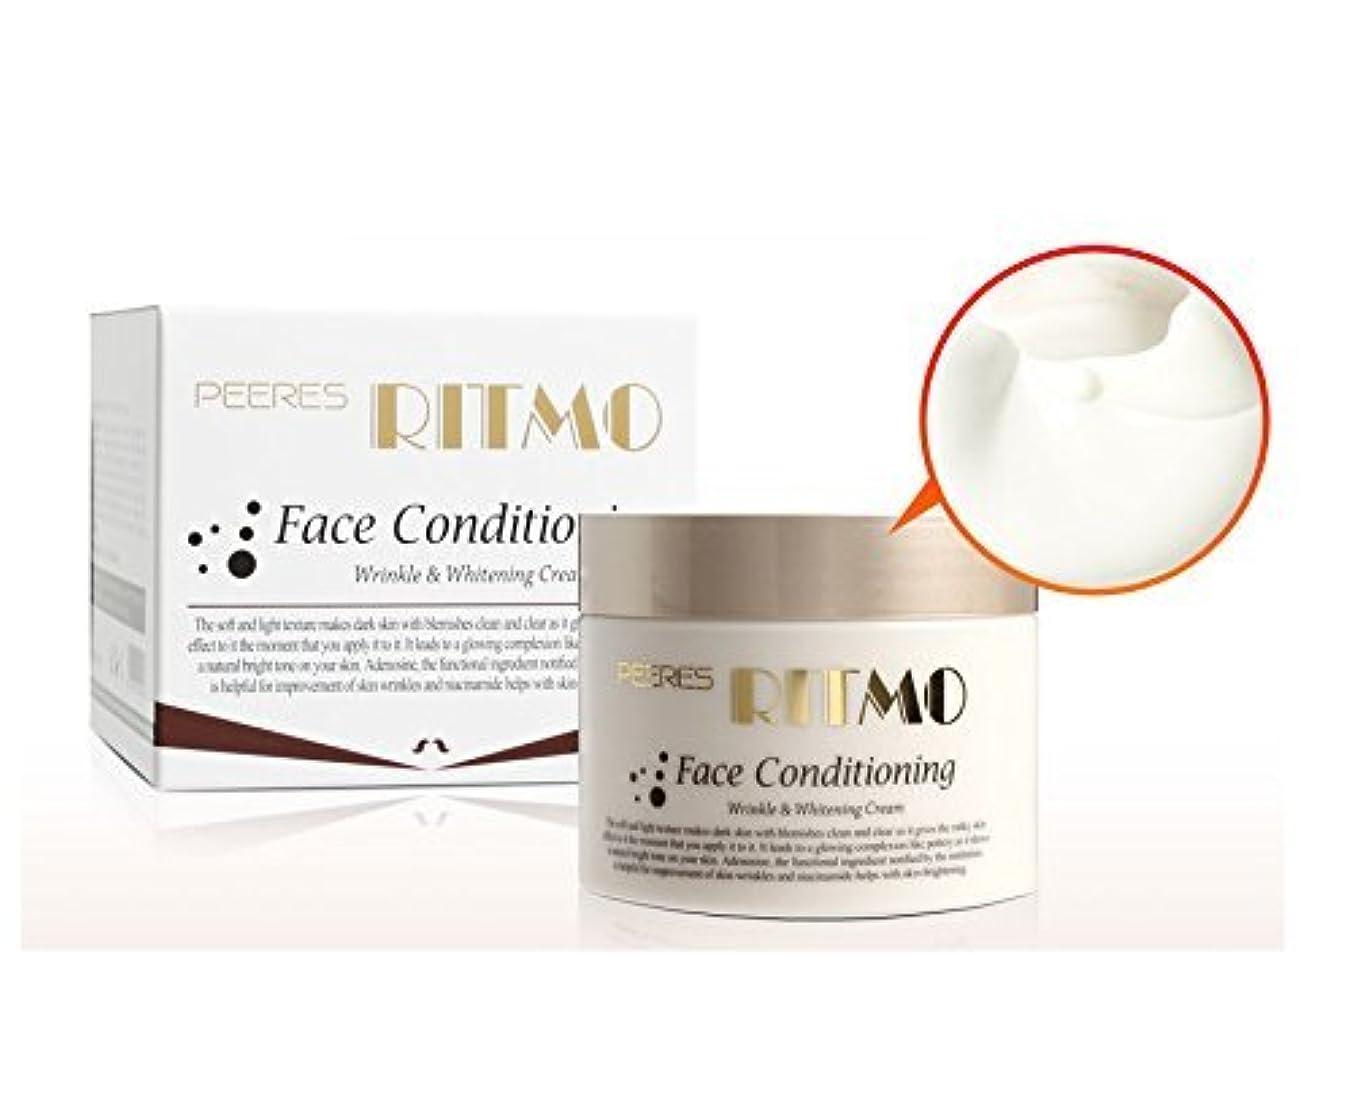 フォーカスアクセサリー金曜日[Ritmo] フェイスコンディショニングホワイトニングクリーム100ml/Face Conditioning Whitening Cream 100ml/ソフトや照明/Soft and lighting/韓国化粧品/Korean Cosmetics [並行輸入品]